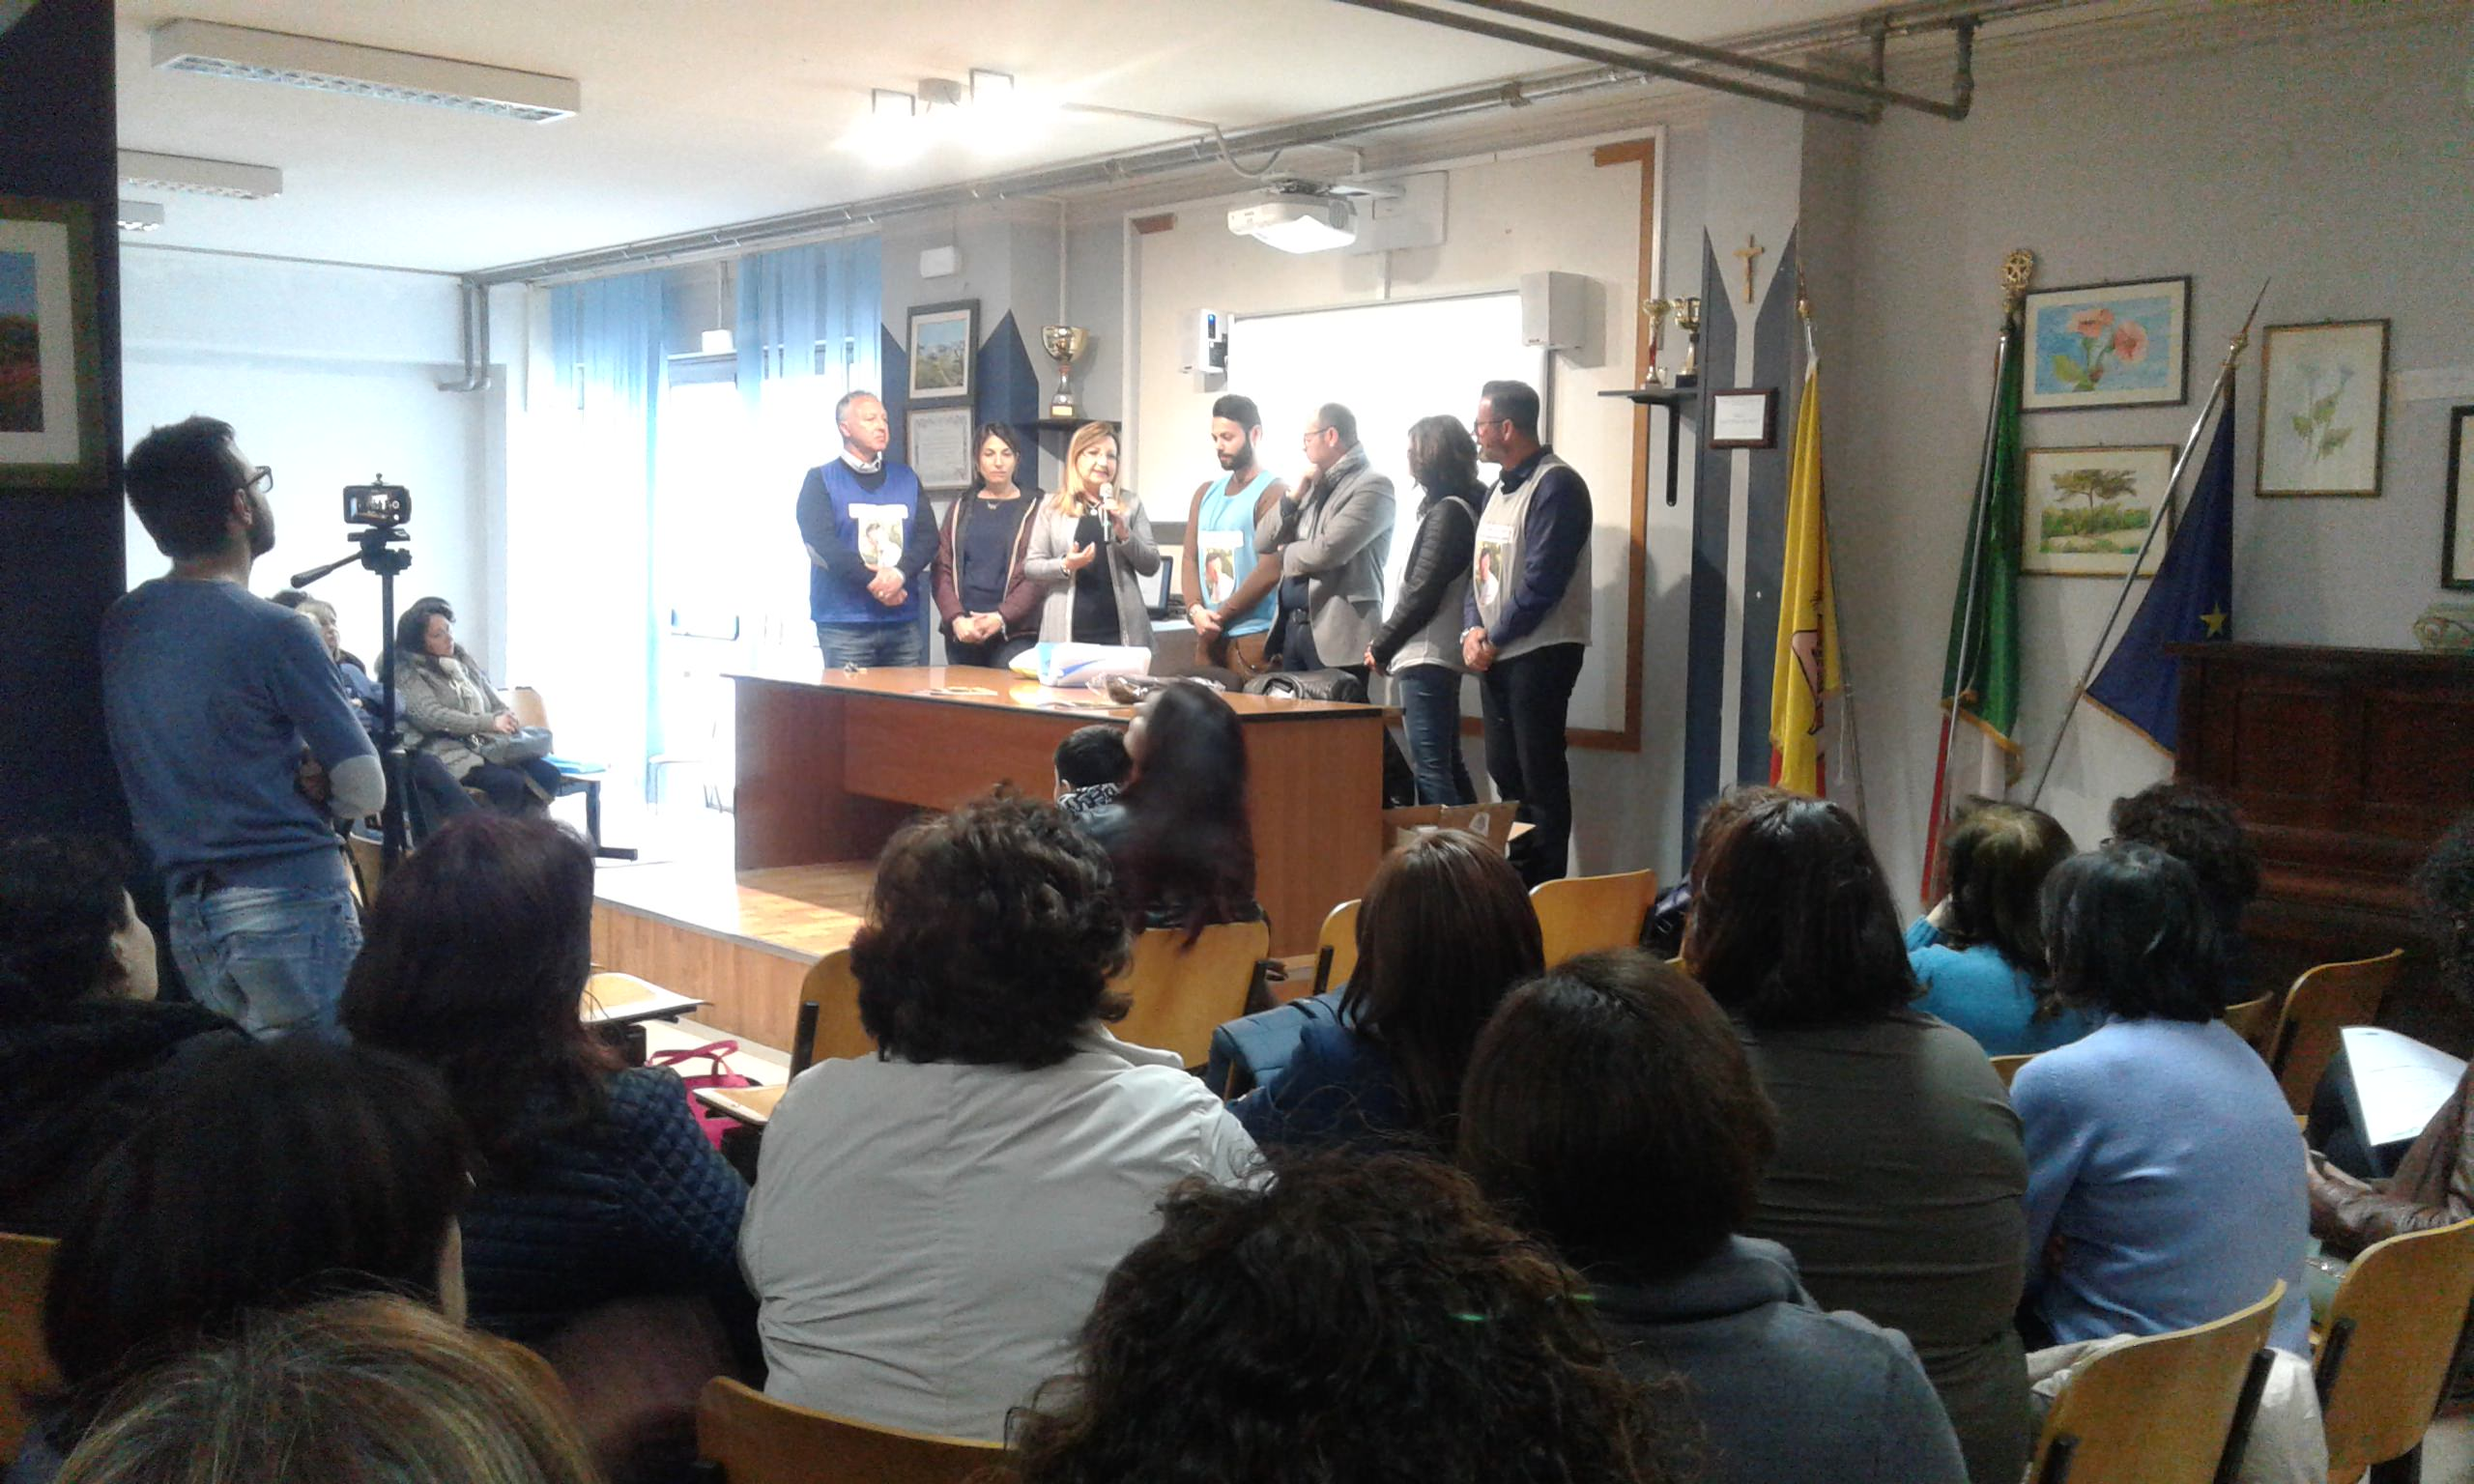 Defibrillatore amico, gesto di solidarietà al CD G. FAVA di Mascalucia